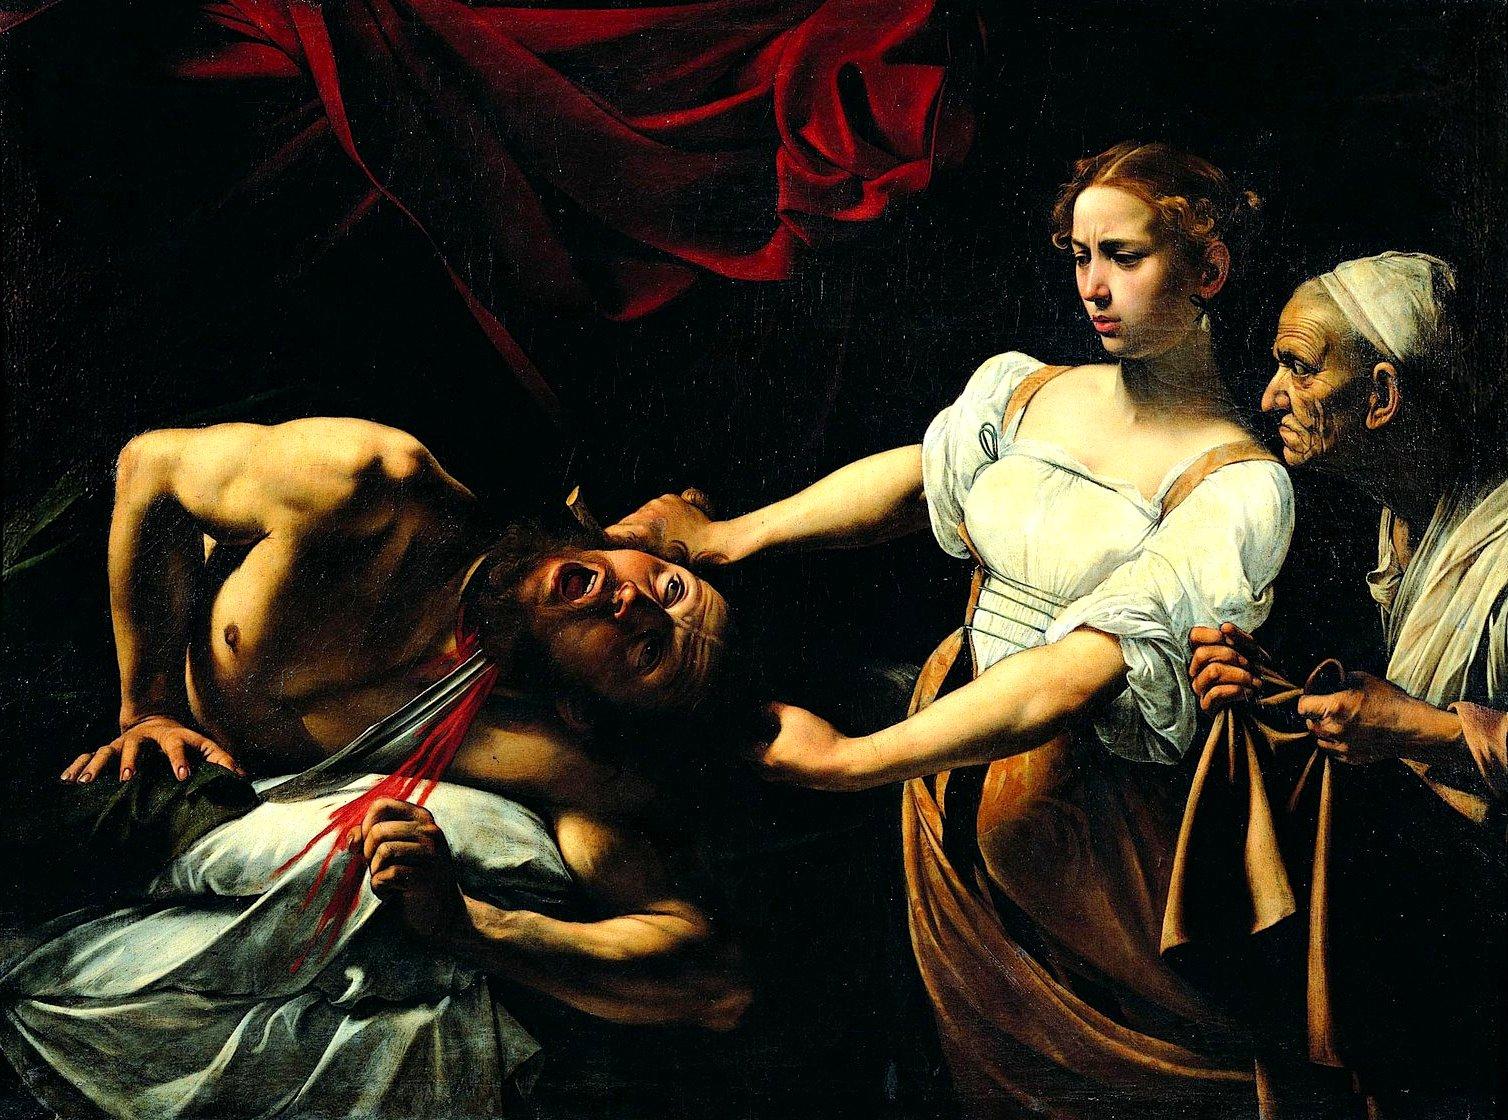 El gran off-topic Caravaggio_-_Giuditta_che_taglia_la_testa_a_Oloferne_(1598-1599)